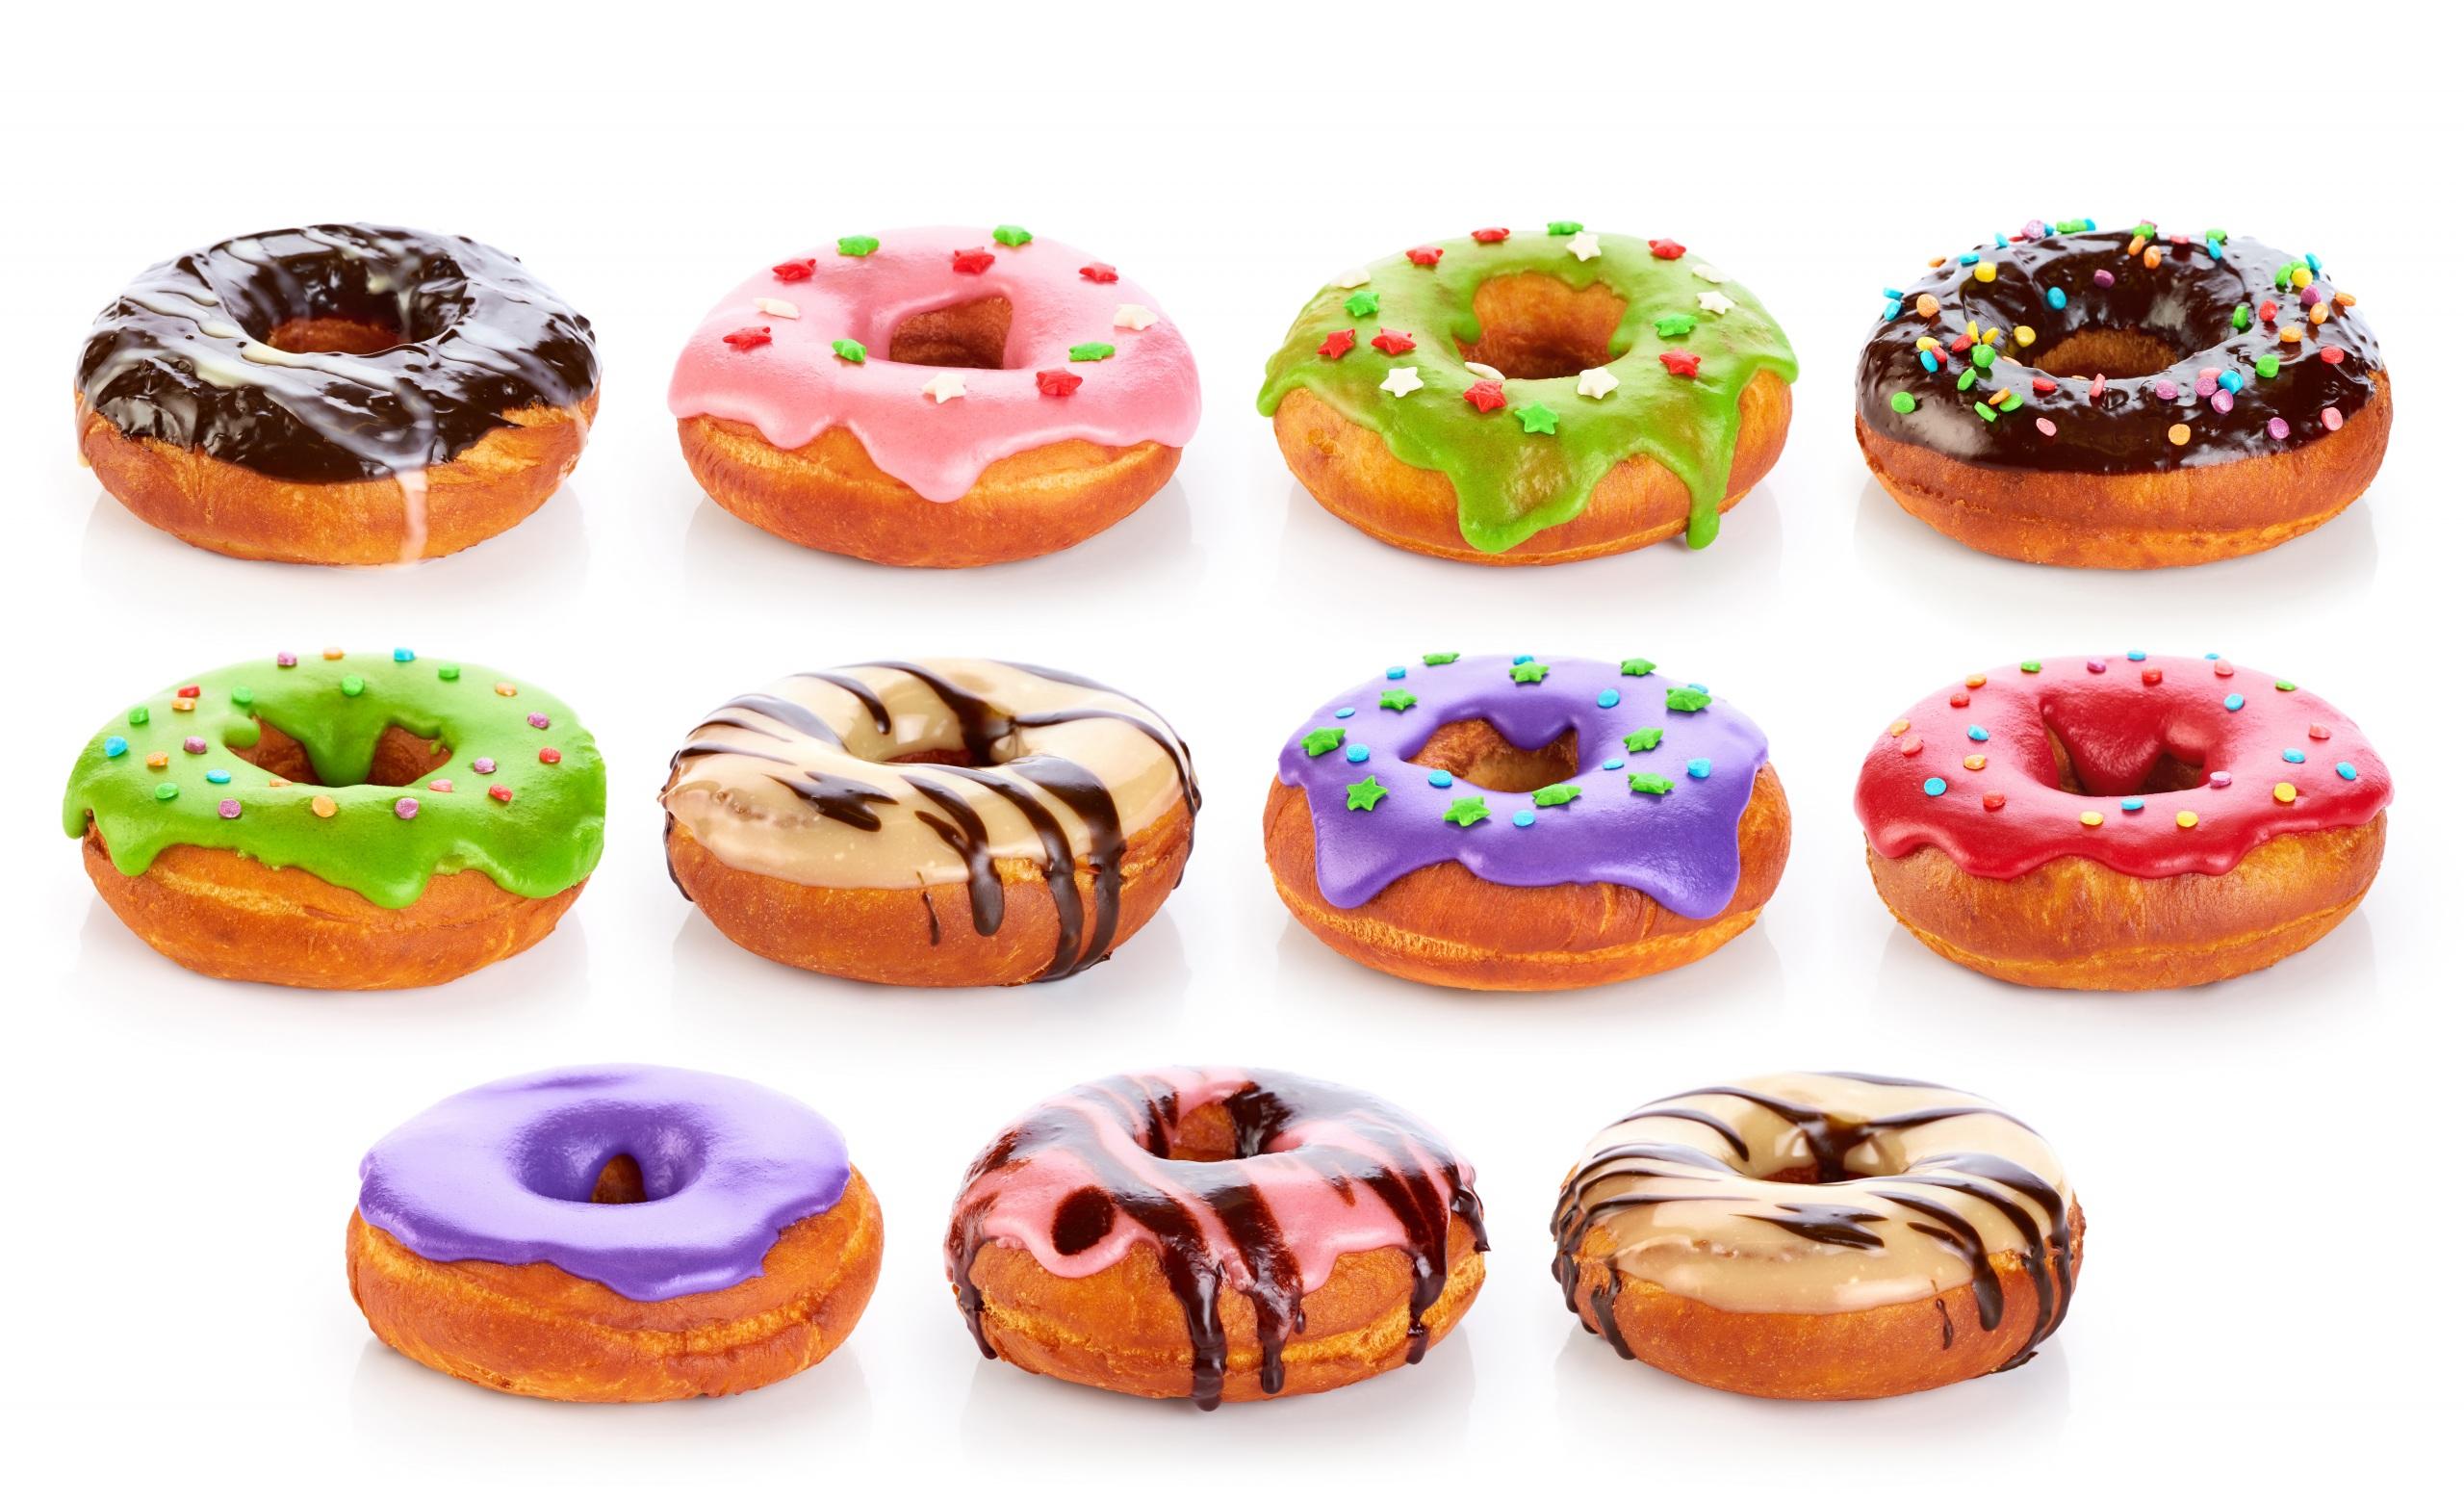 Картинка Разноцветные Шоколад Пончики Еда белом фоне 2560x1560 Пища Продукты питания Белый фон белым фоном